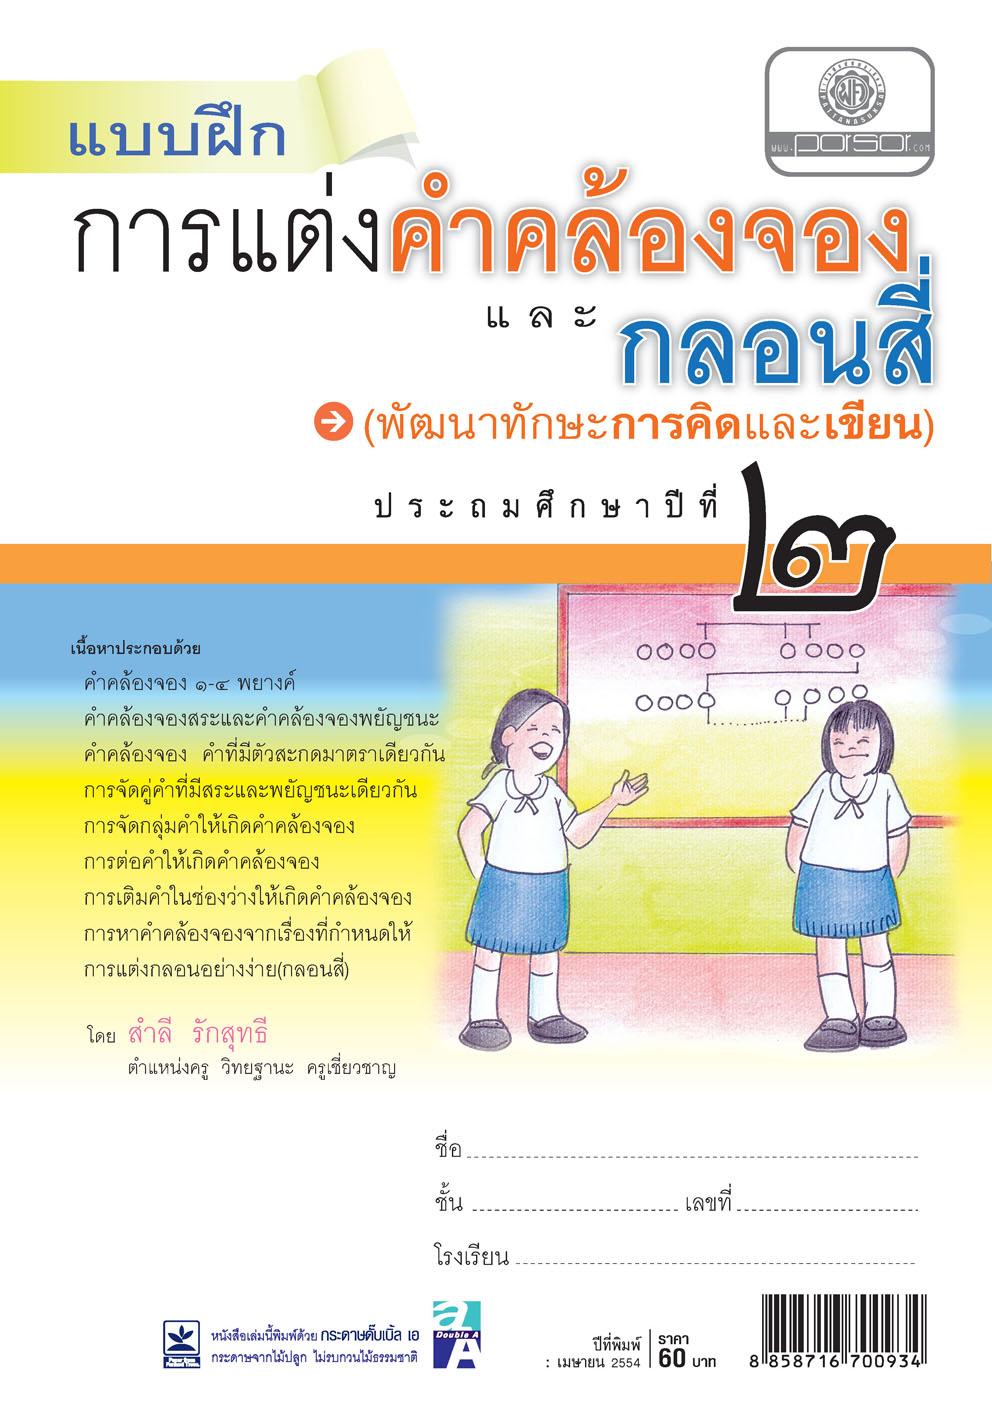 แบบฝึกการแต่งคำคล้องจองและกลอนสี่ ภาษาไทย ป.2